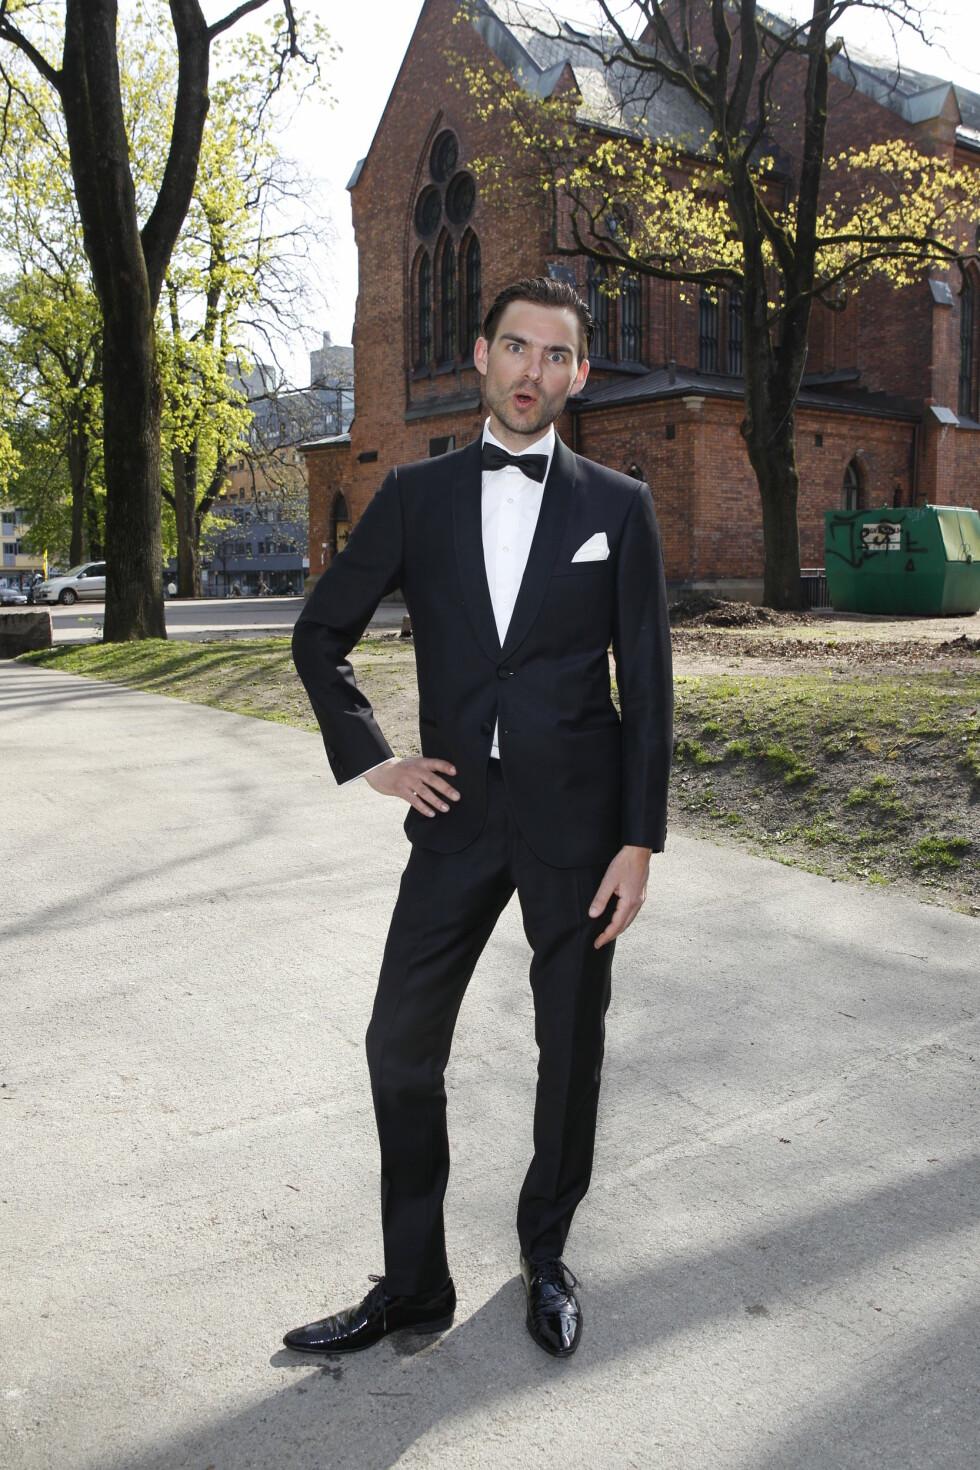 SPØKEFUGL: Komiker Henrik Thodesen dro til med noen tullete poseringer. Foto: Andreas Fadum, Se og Hør